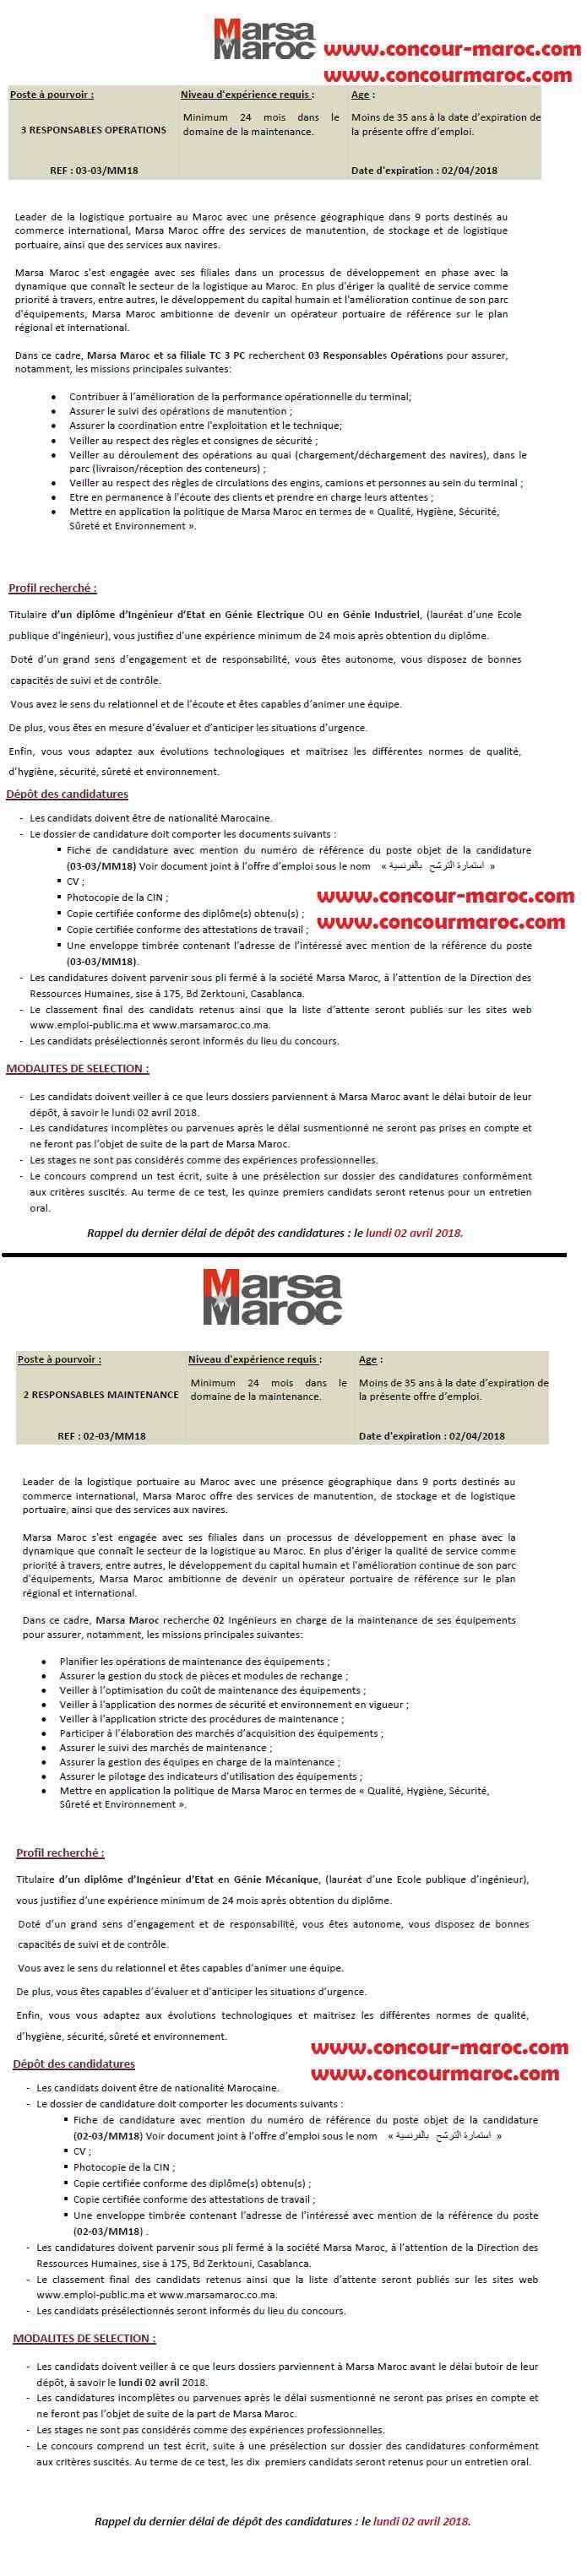 شركة استغلال الموانئ - مرسى ماروك : مباراة لتوظيف 02 مسؤول الصيانة و 02 مسؤول العمليات و 01 مسؤول معدات آخر أجل 2 ابريل 2018 Marsam11